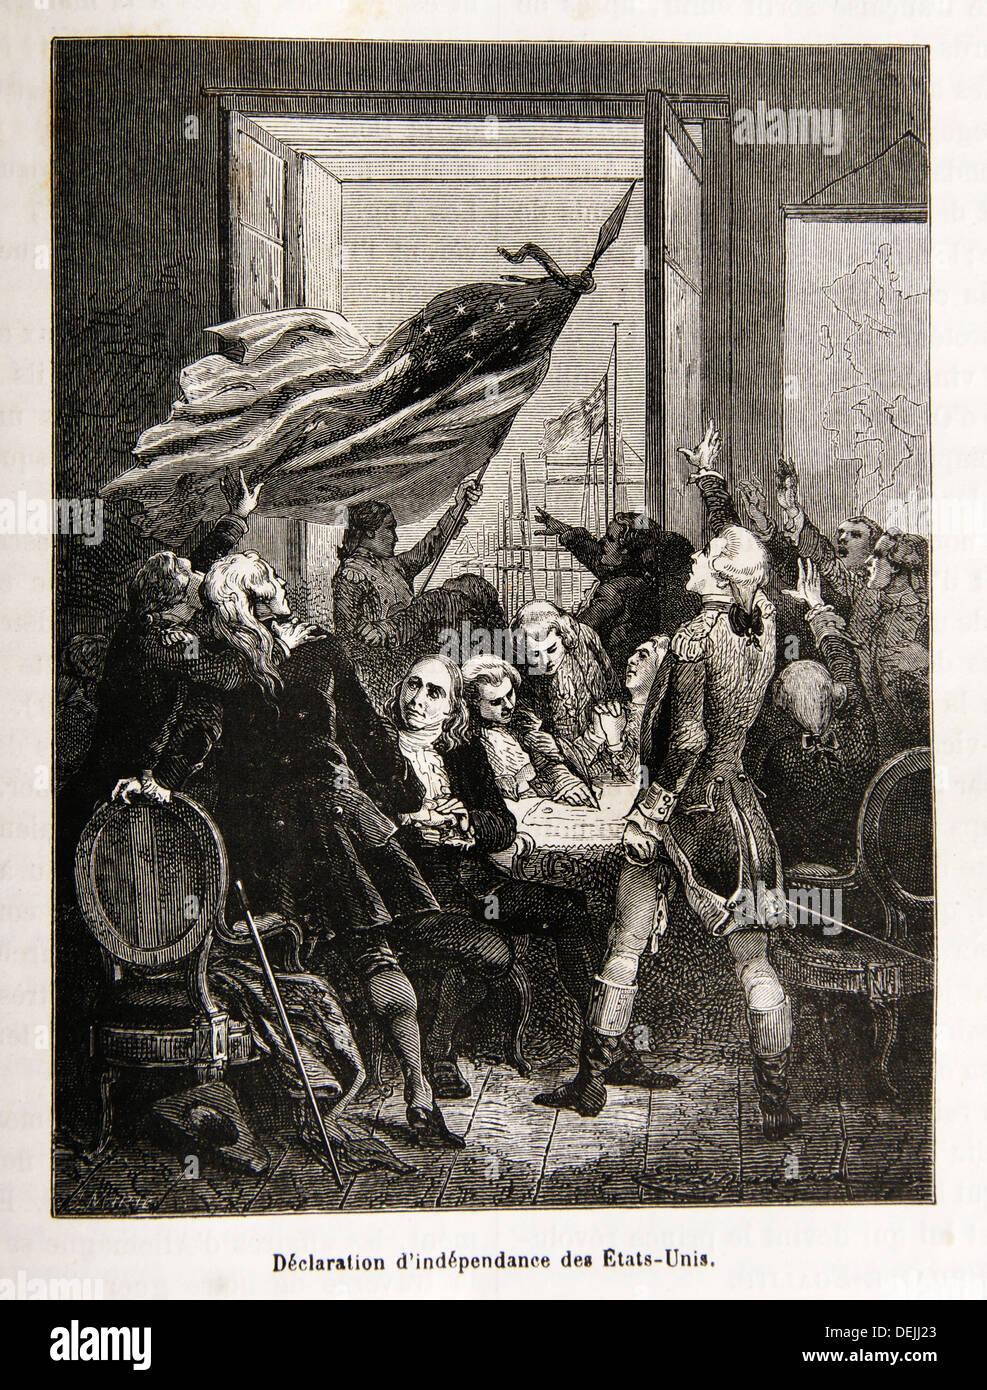 Die Unabhängigkeitserklärung der Vereinigten Staaten ist eine Aussage vom Kontinentalkongress am 4. Juli 1776, die Stockbild